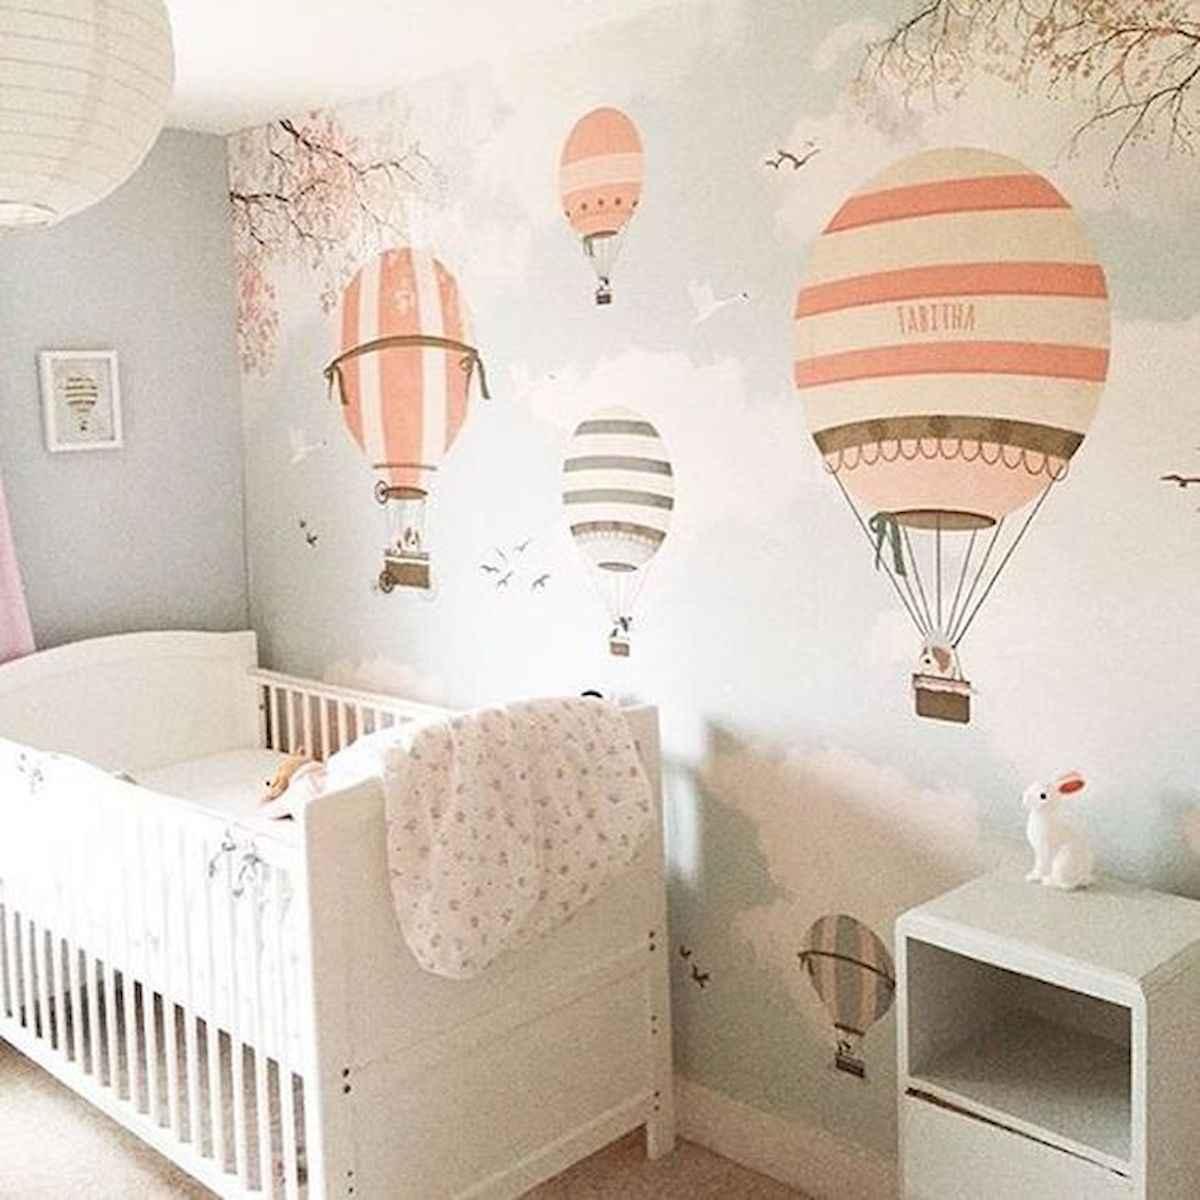 40 Adorable Nursery Room Ideas For Boy (24)